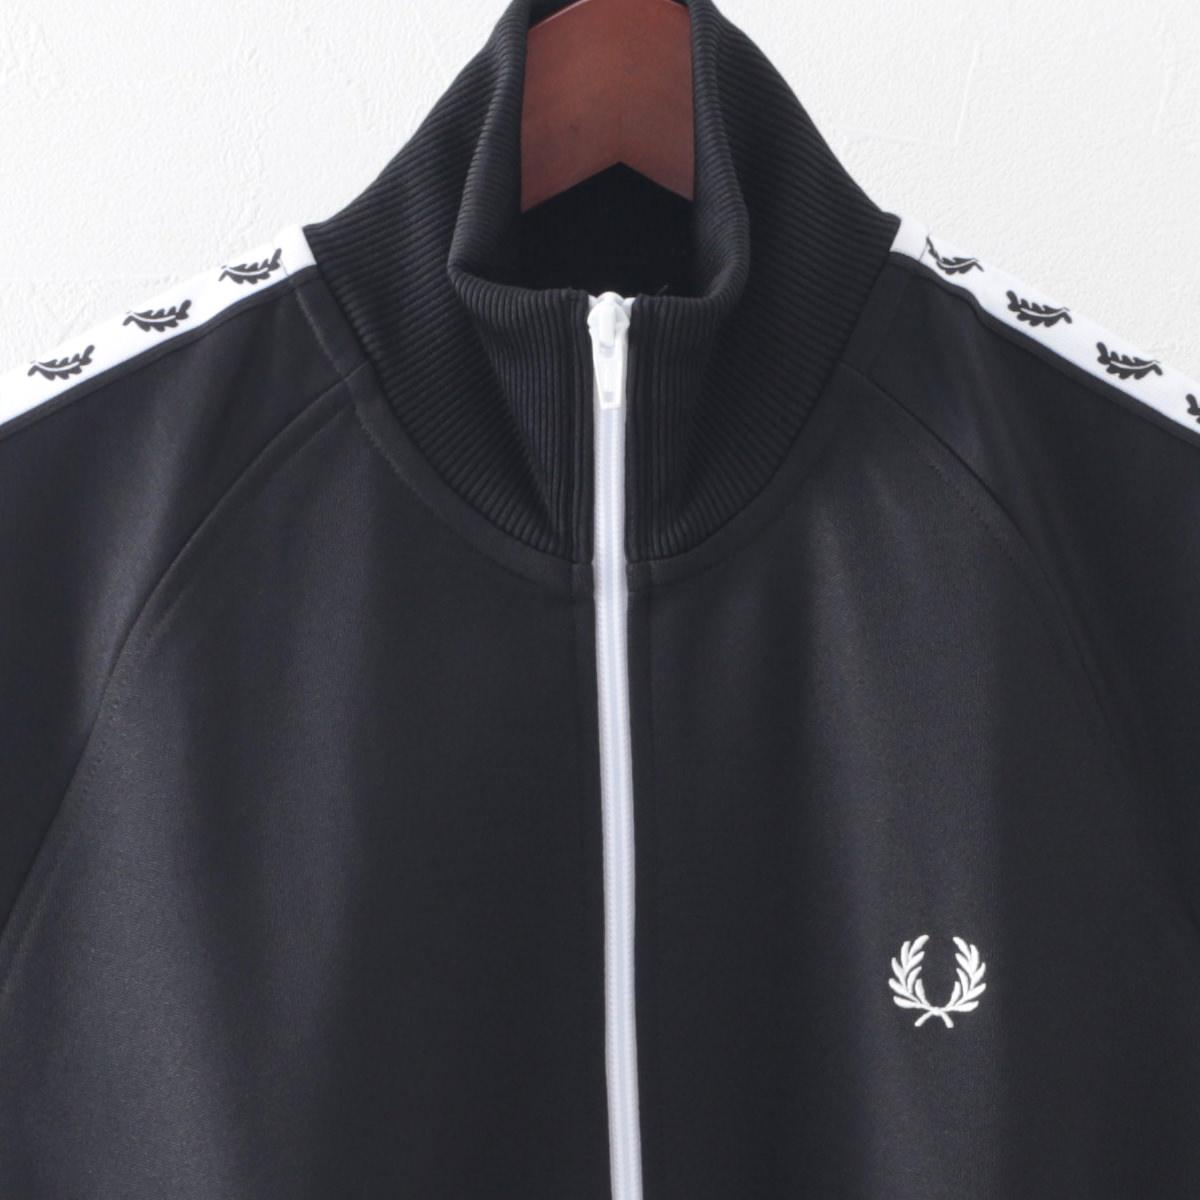 フレッドペリー Fred Perry トラックジャケット メンズ 5色 スポーツウェア ジャージ 正規販売店